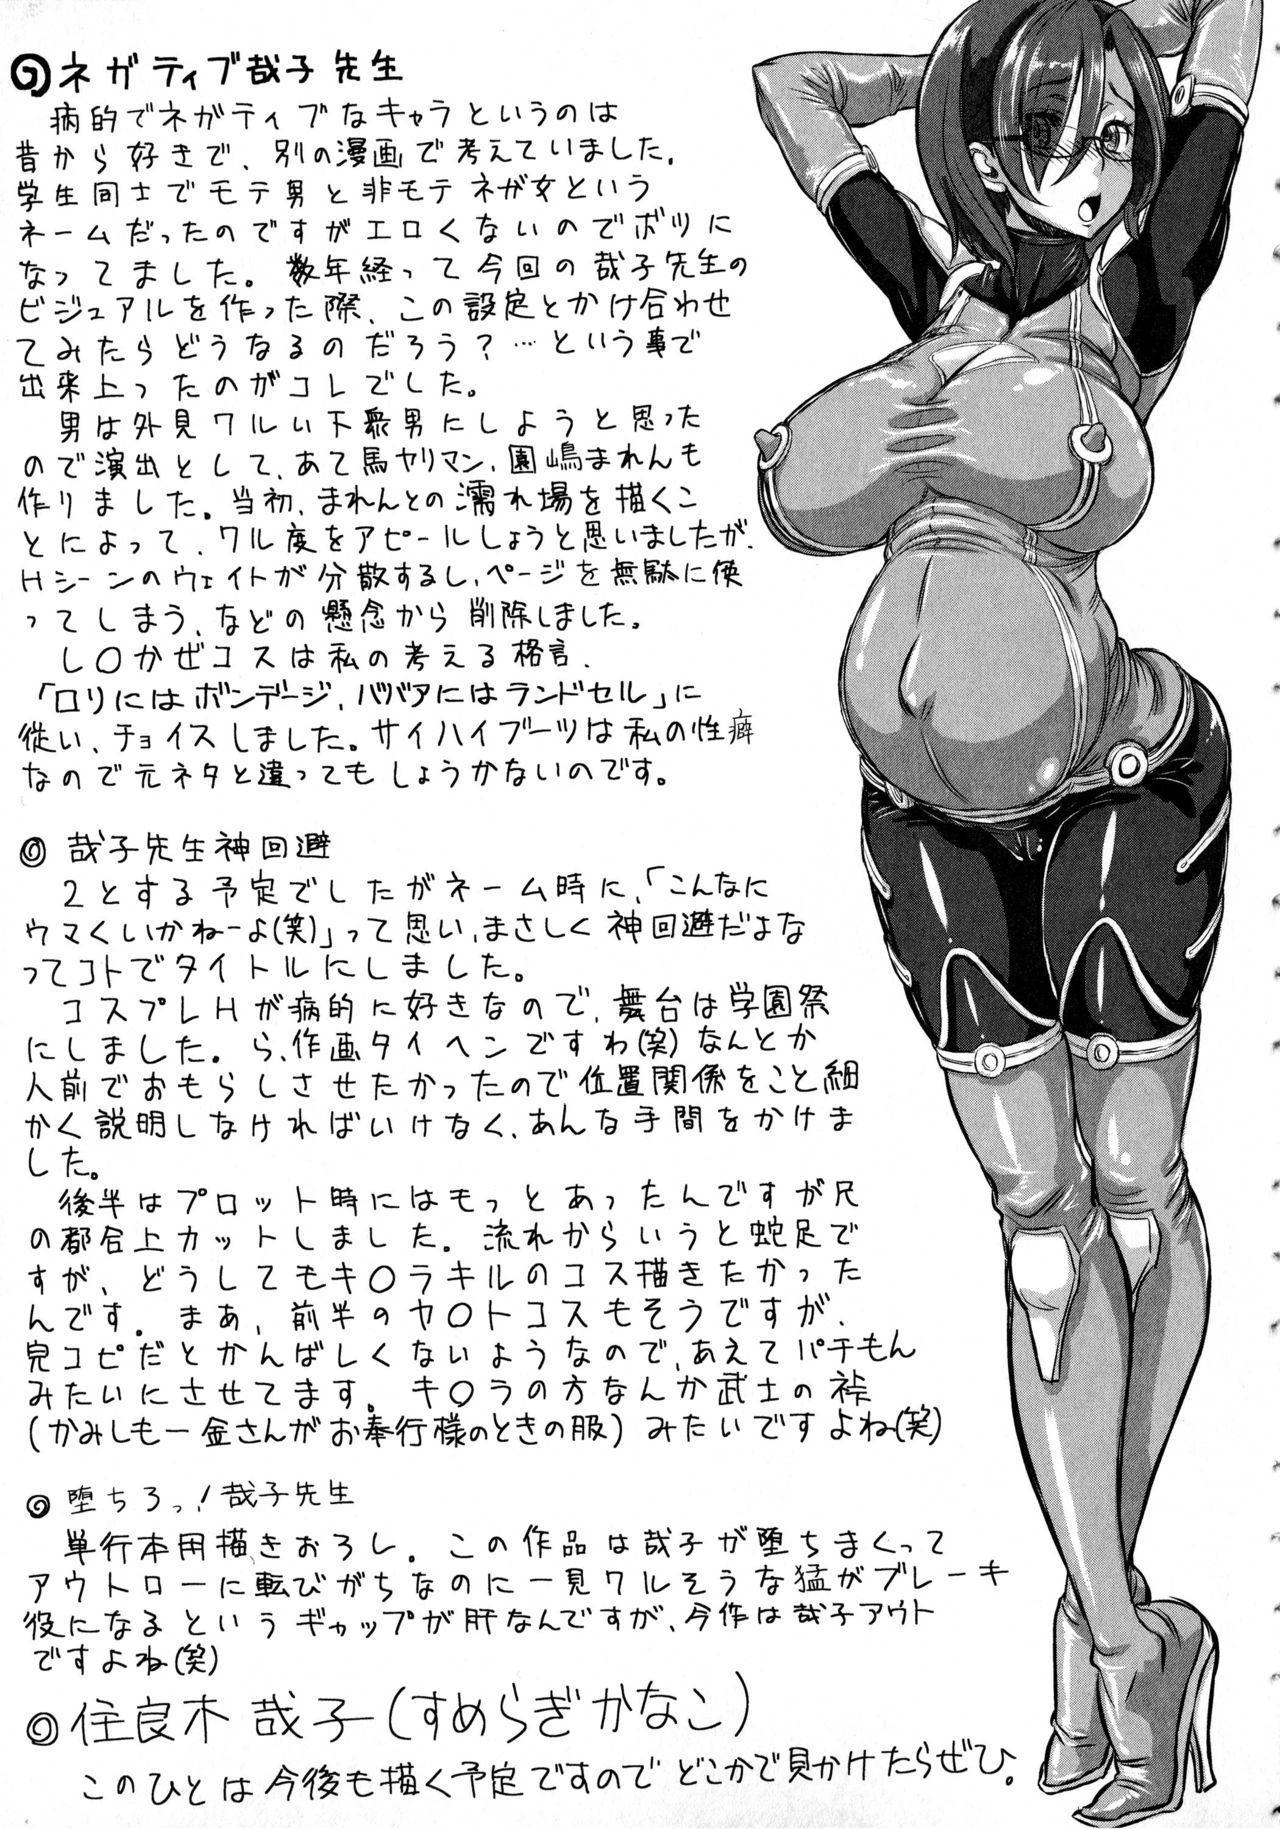 [Minority] Negative Kanako-sensei Ch. 1-6 [English] {Doujins.com} 64